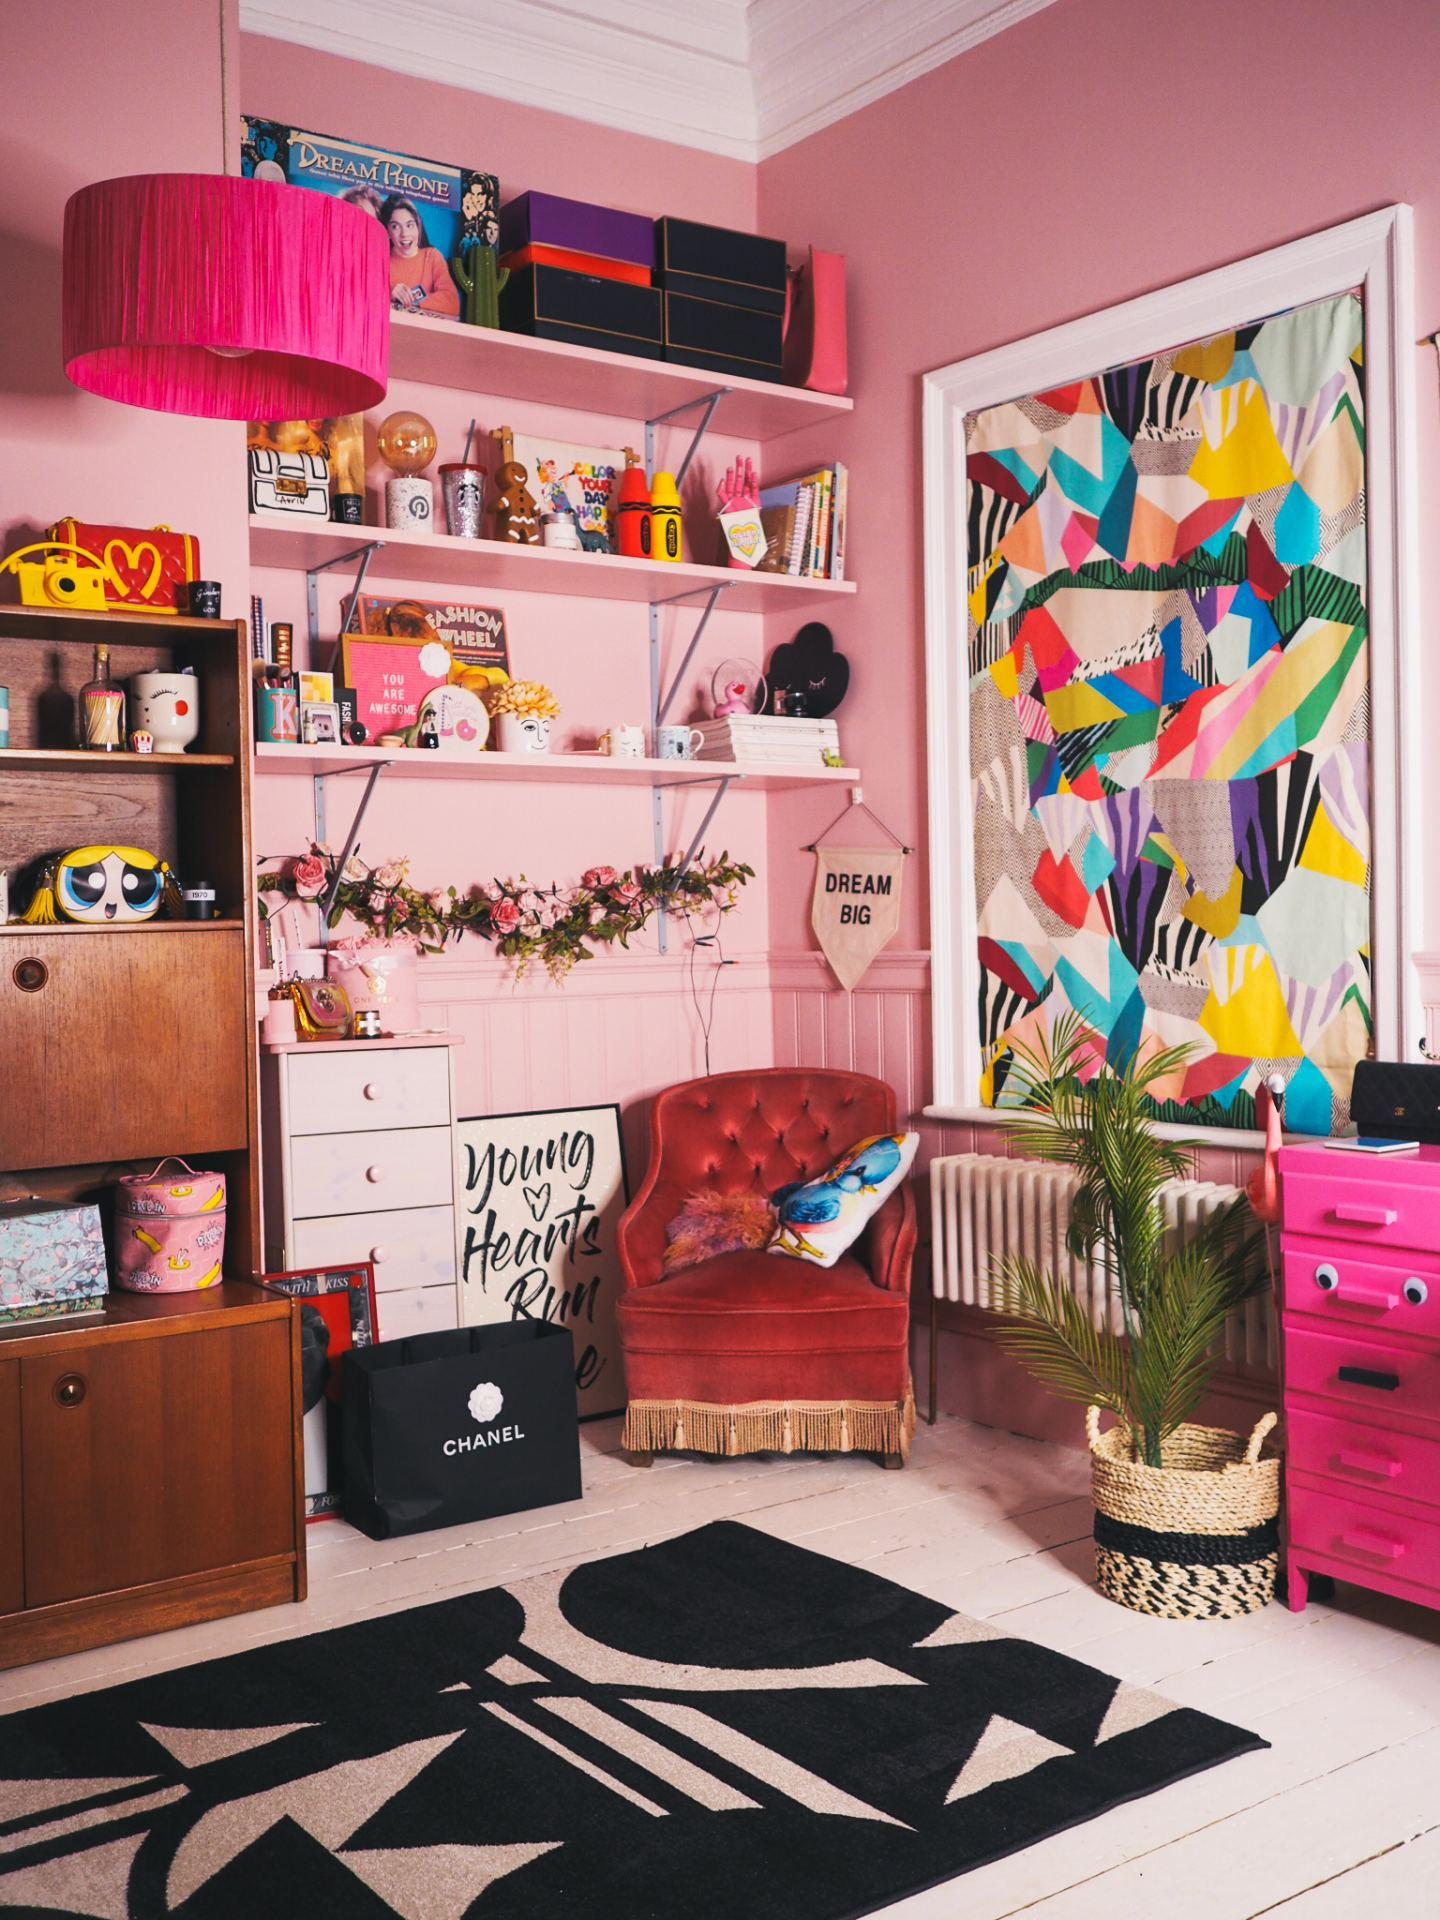 pink office pink home margate kent matalan rug valspar pink walls victorian home rennovation .jpg rug